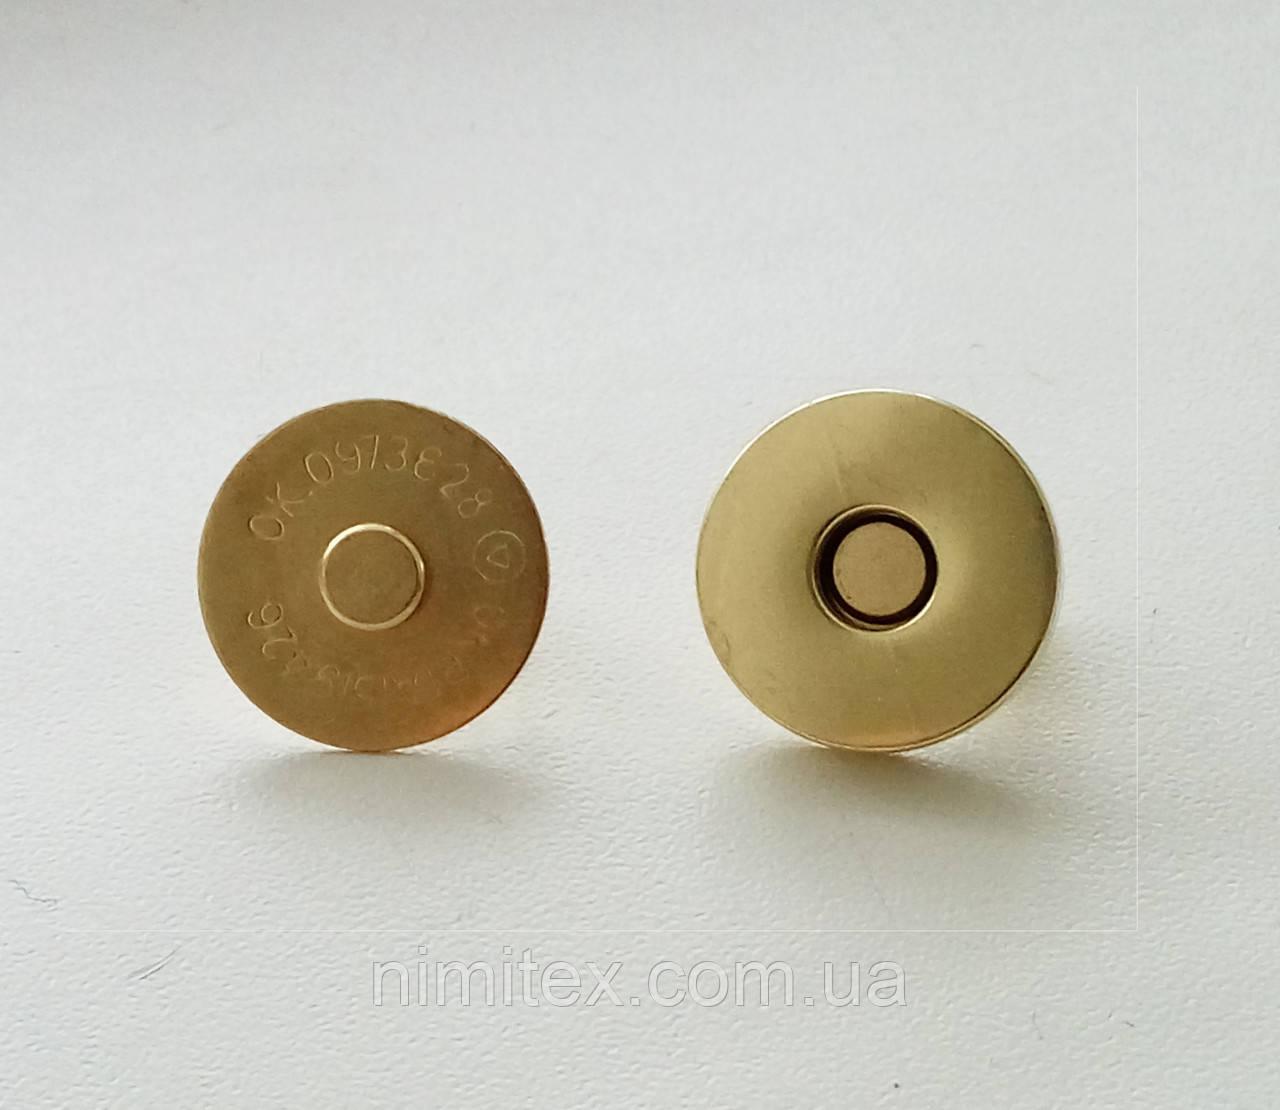 Кнопка магнит 18 мм золото